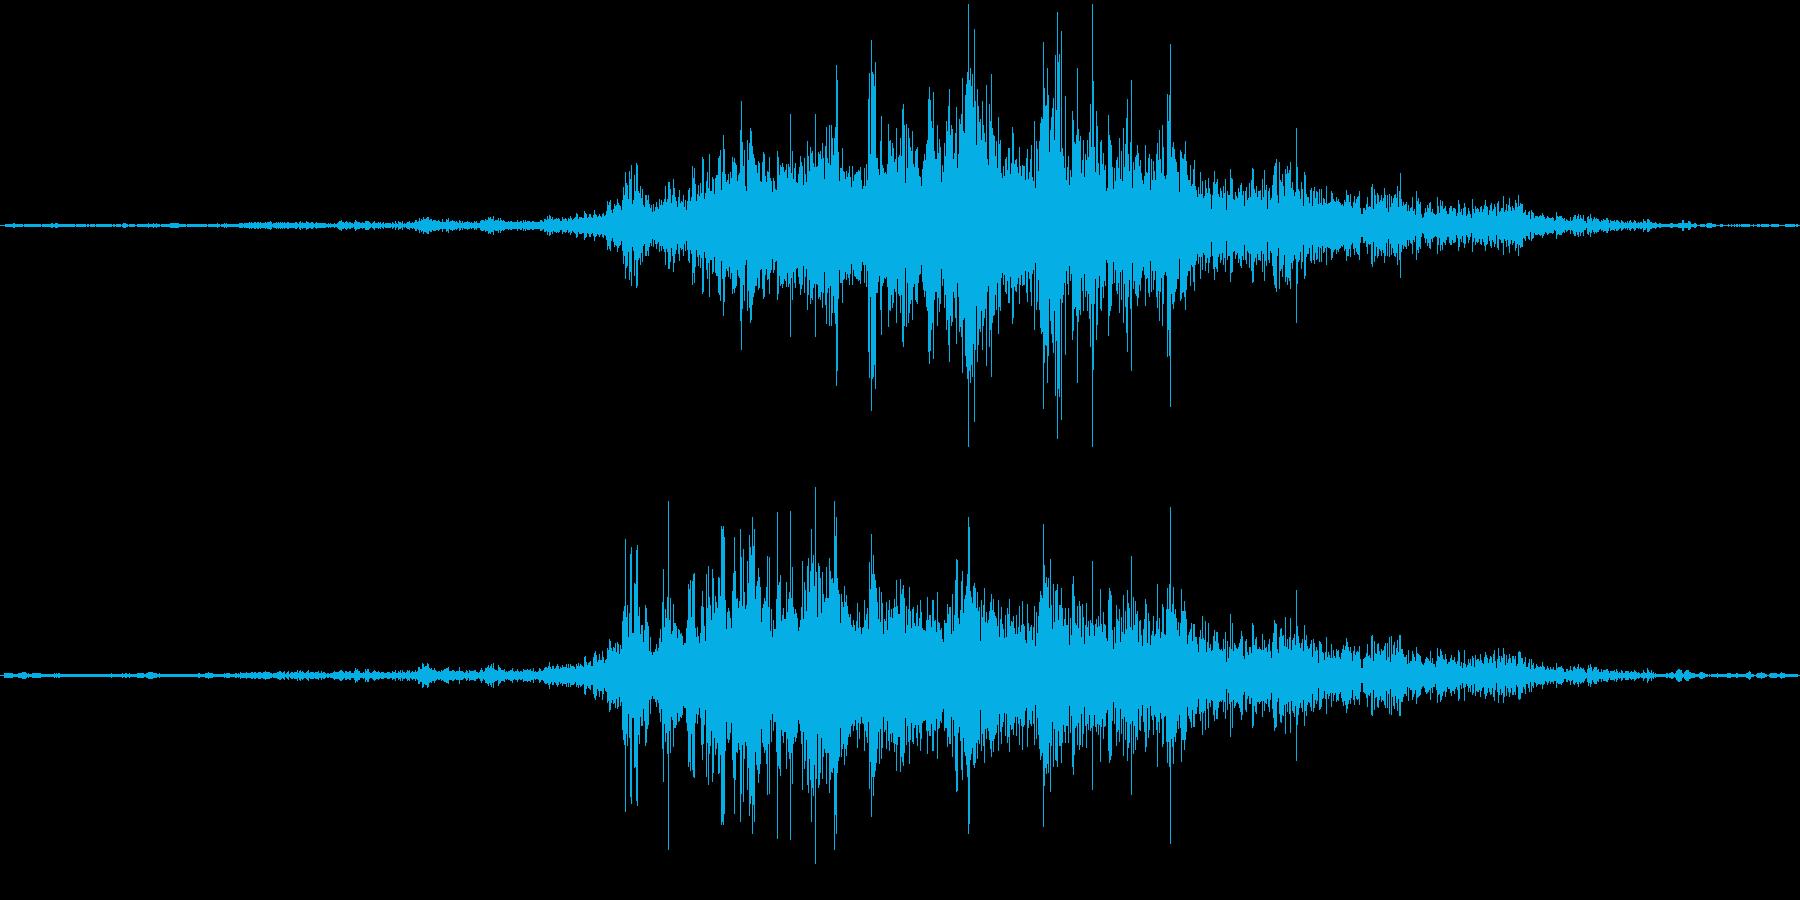 バイノーラル録音戦闘機1の再生済みの波形